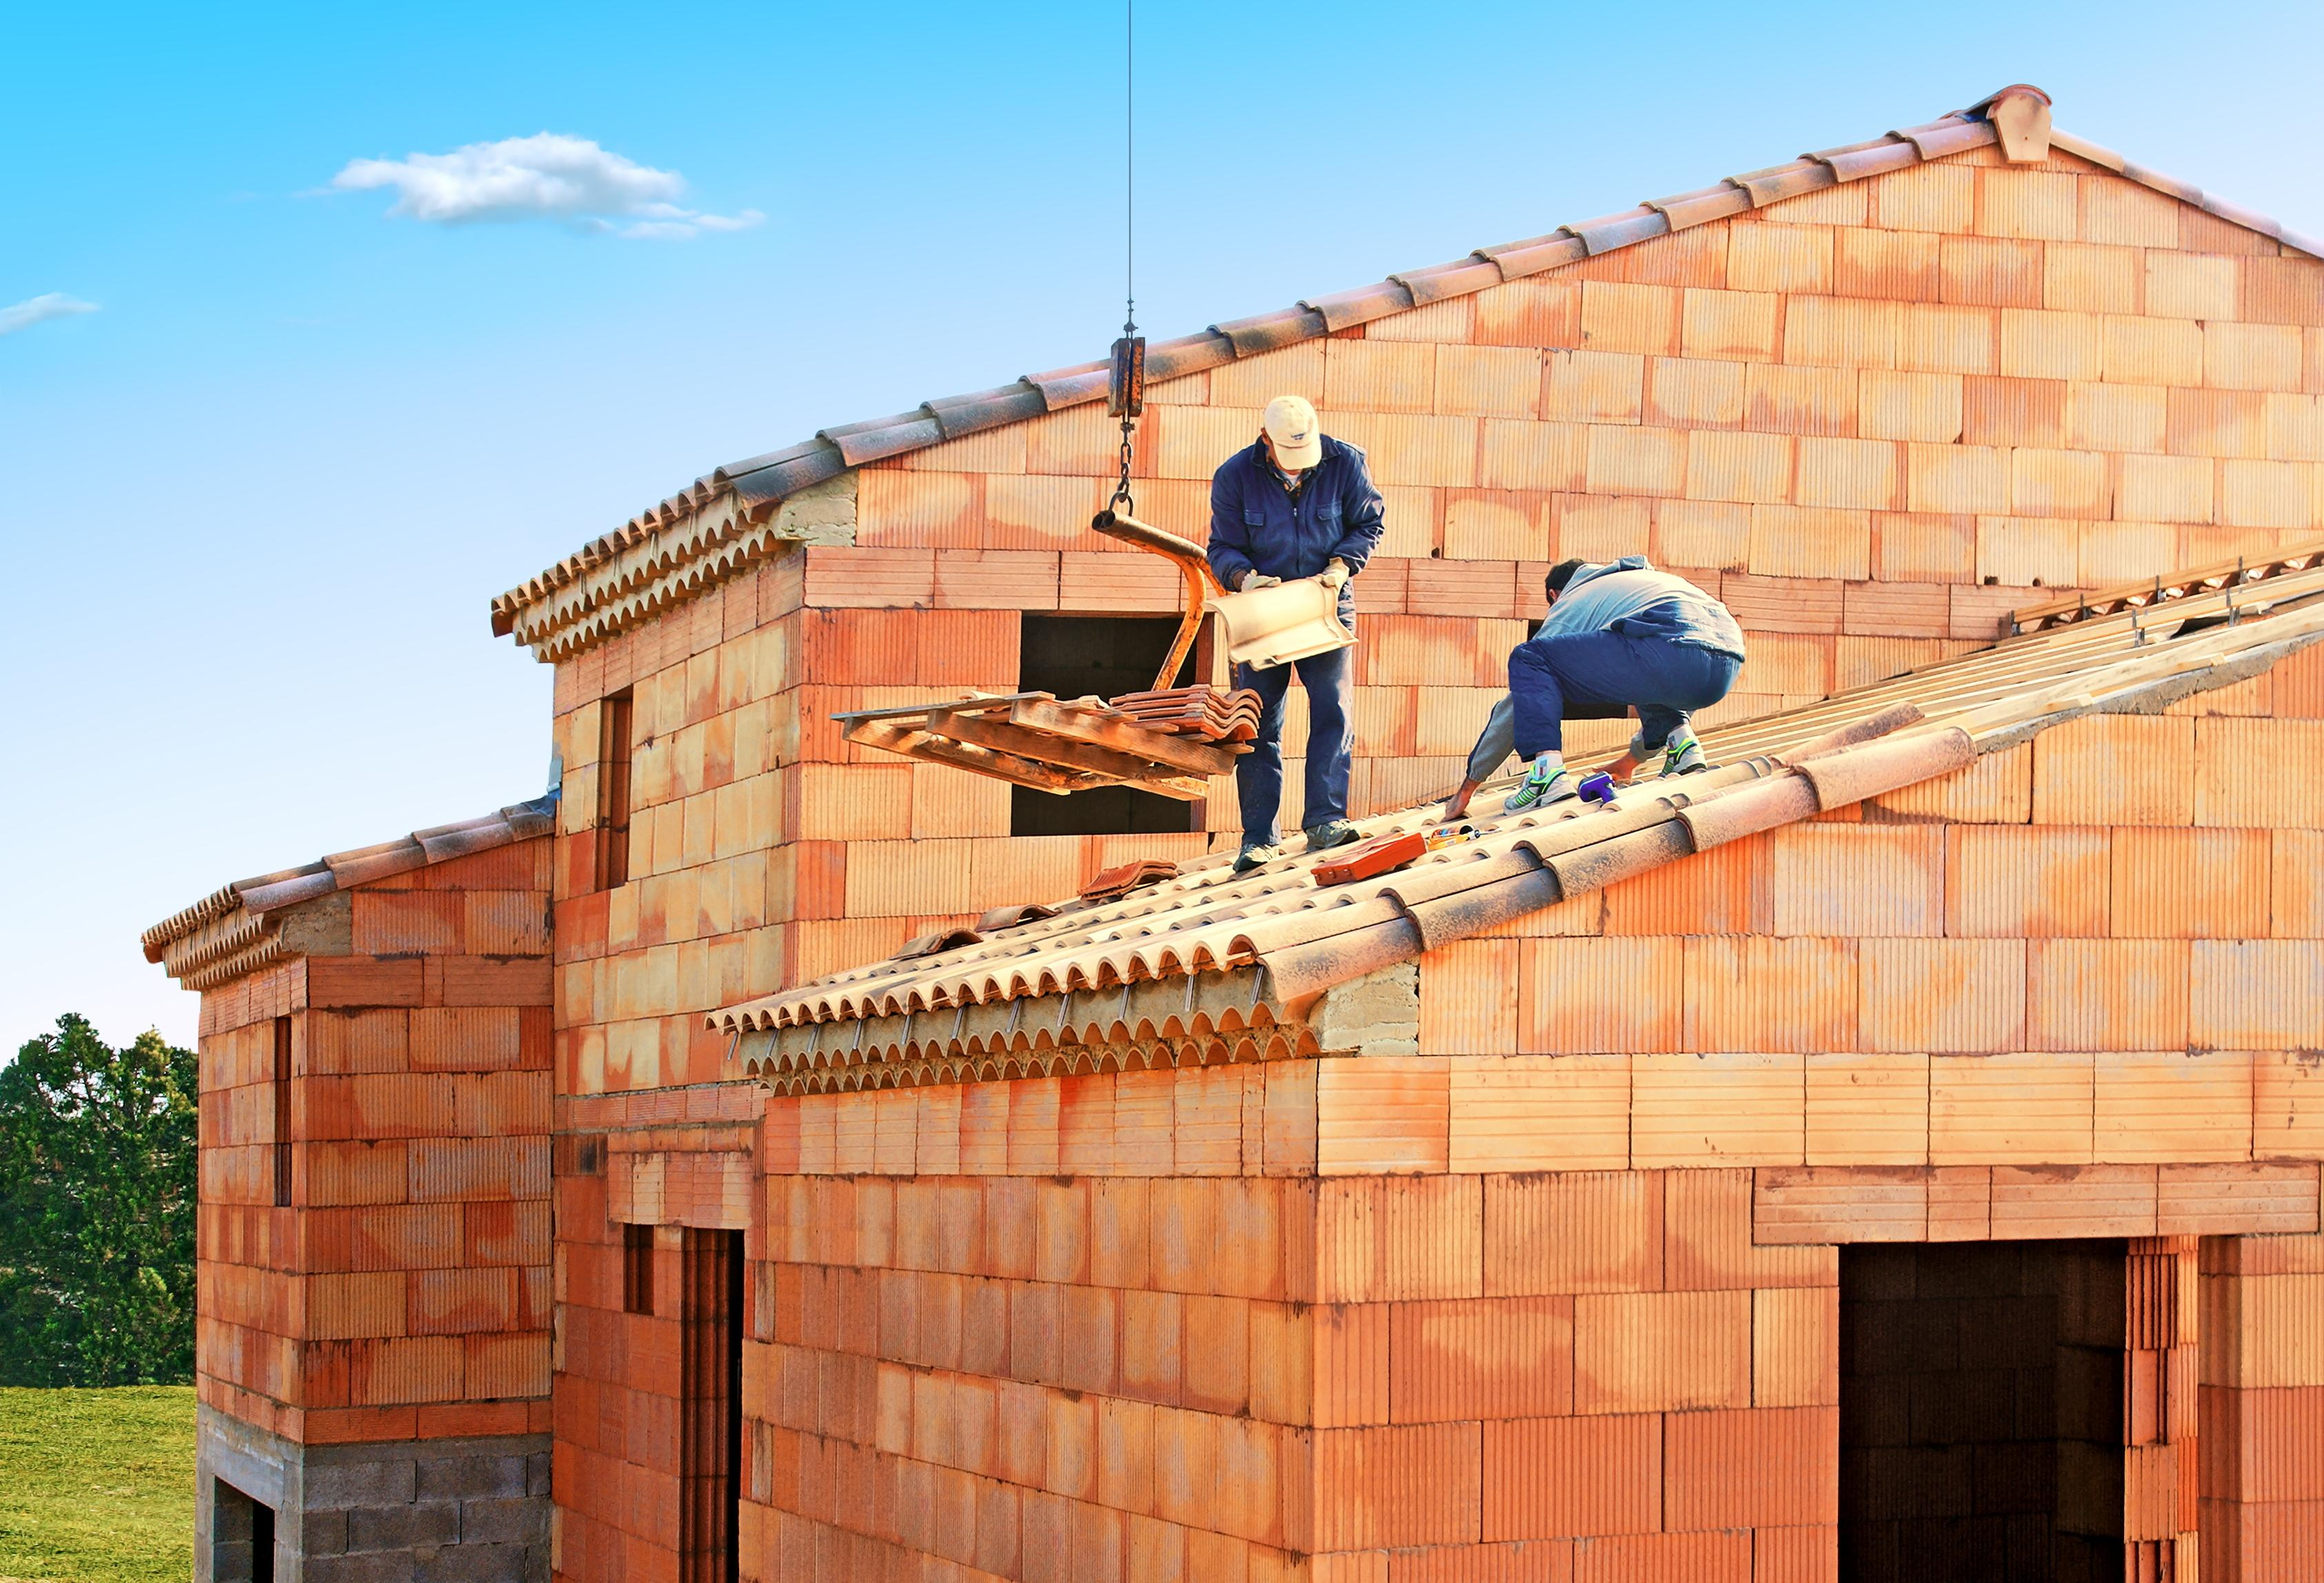 Prix D Une Construction De Maison En Brique Travaux Com